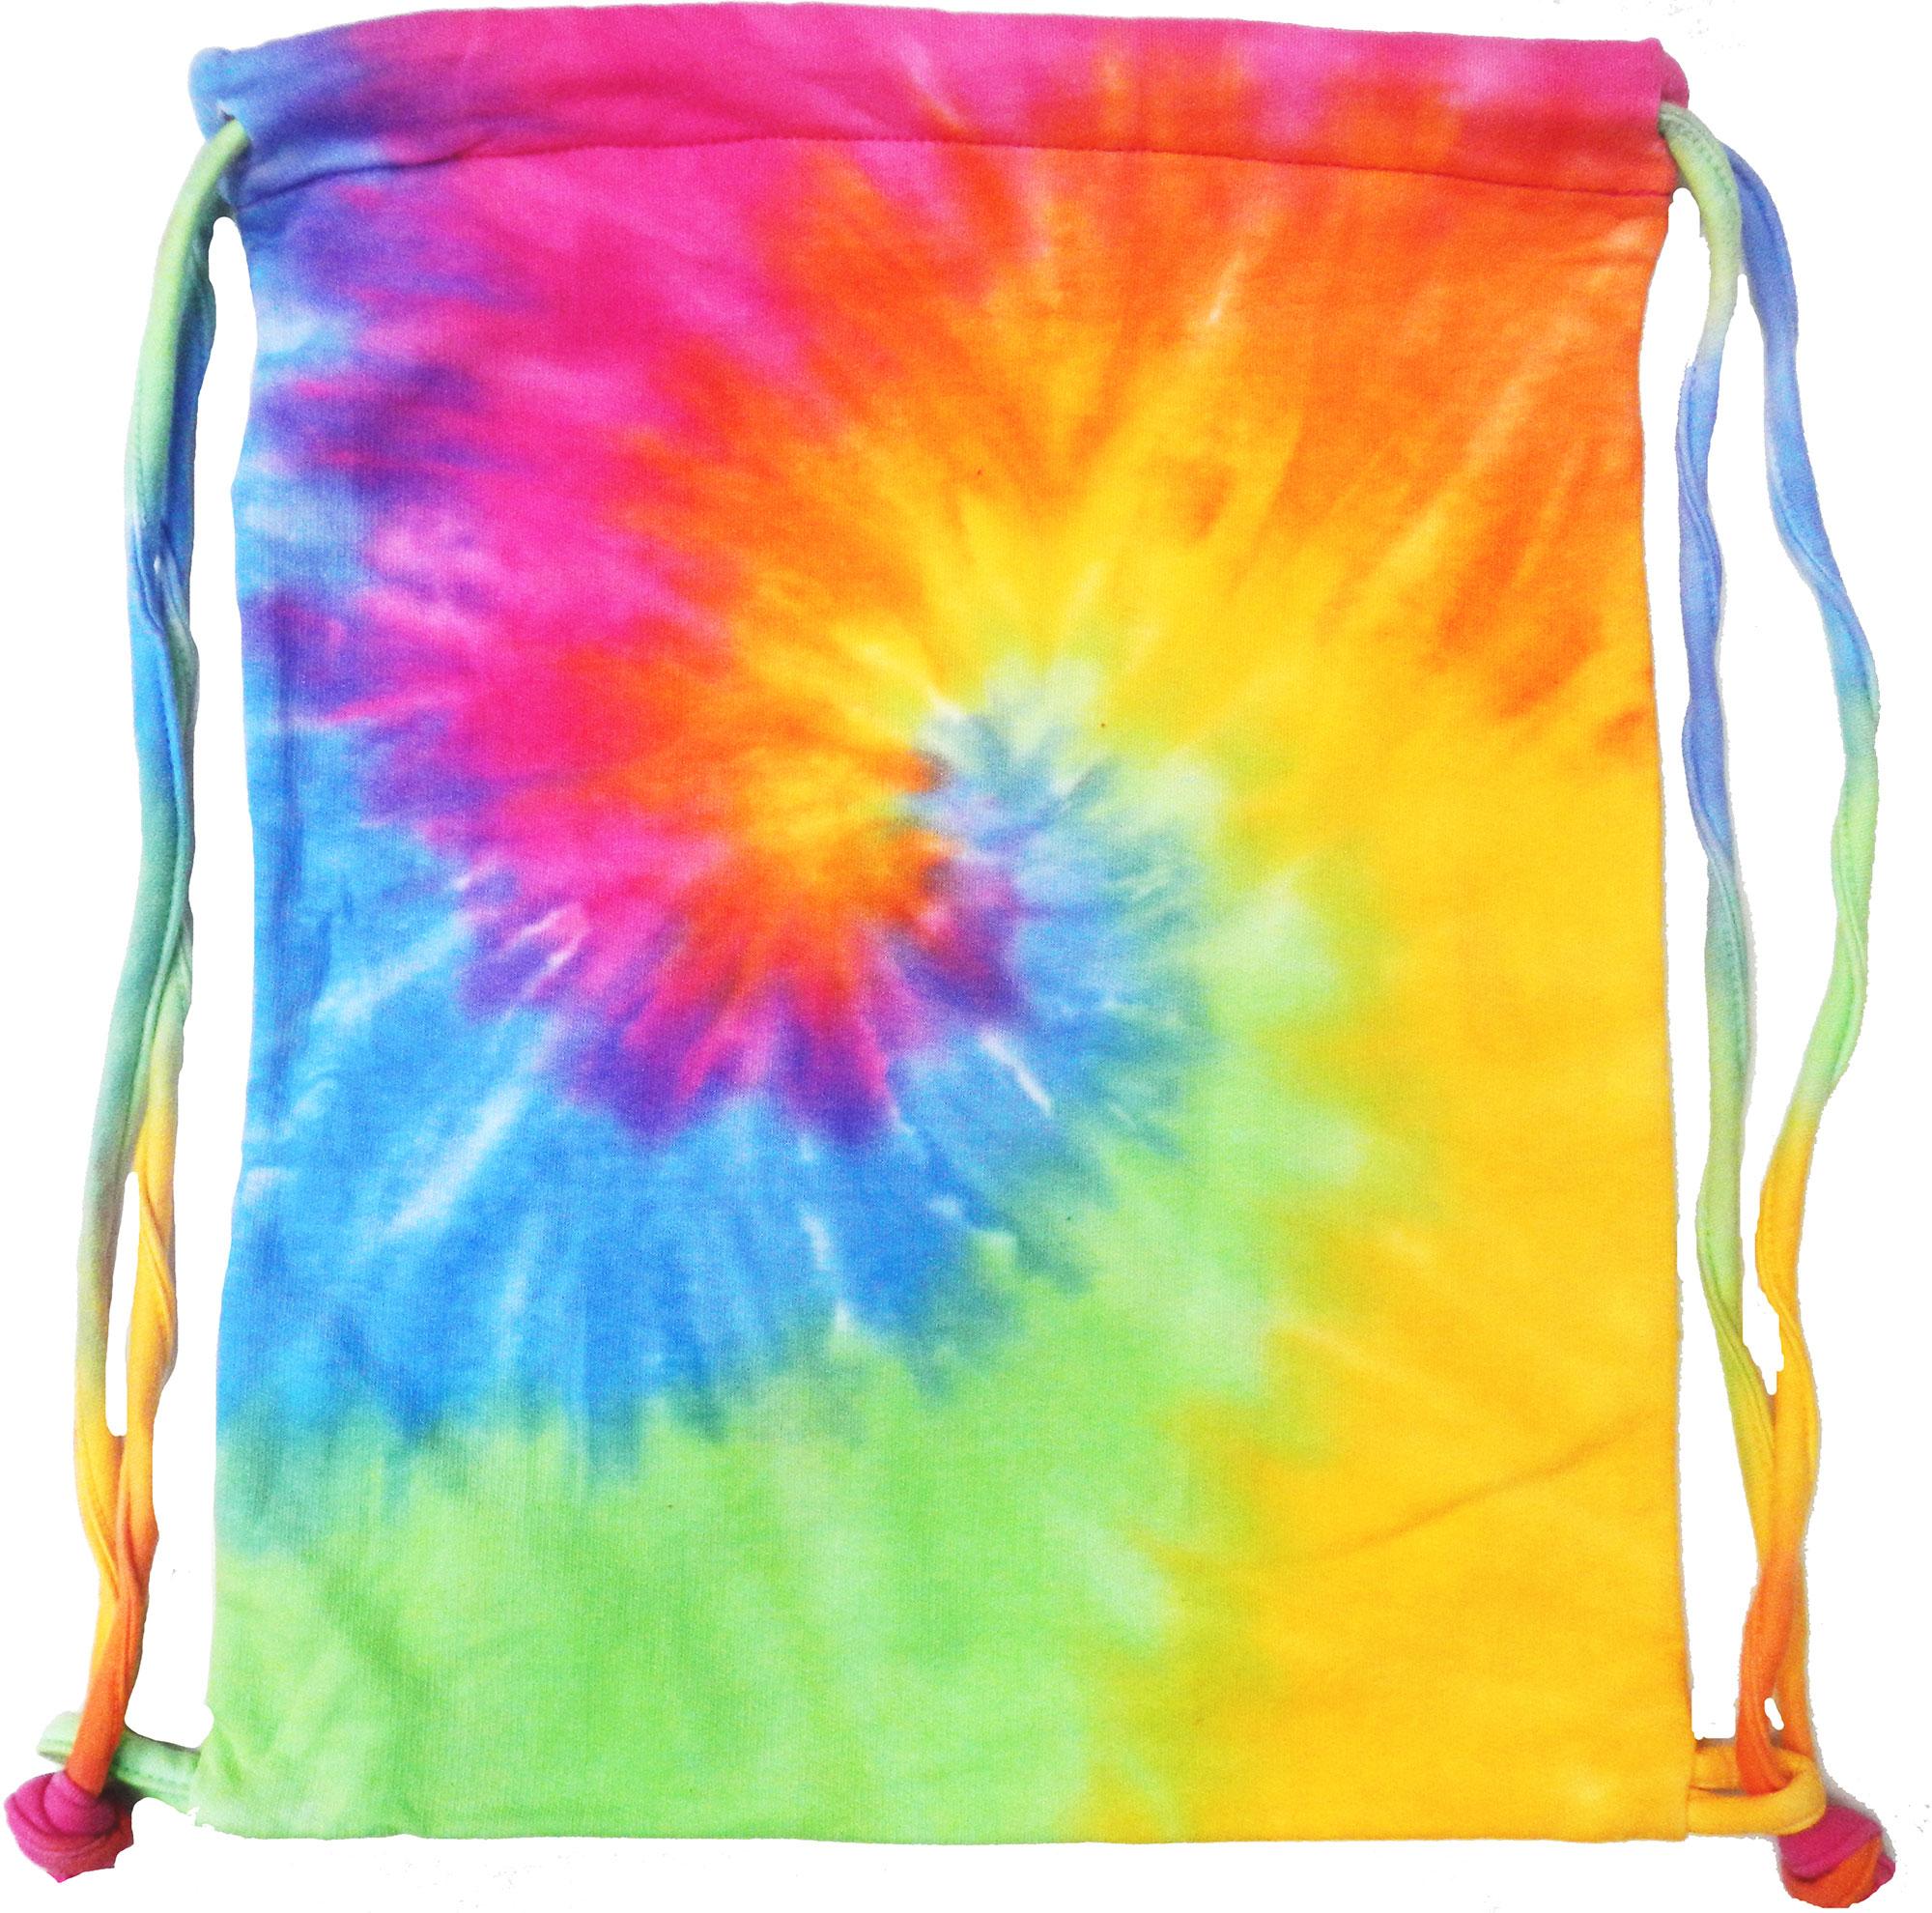 Colortone 991 - Tie Dye Sports Bags